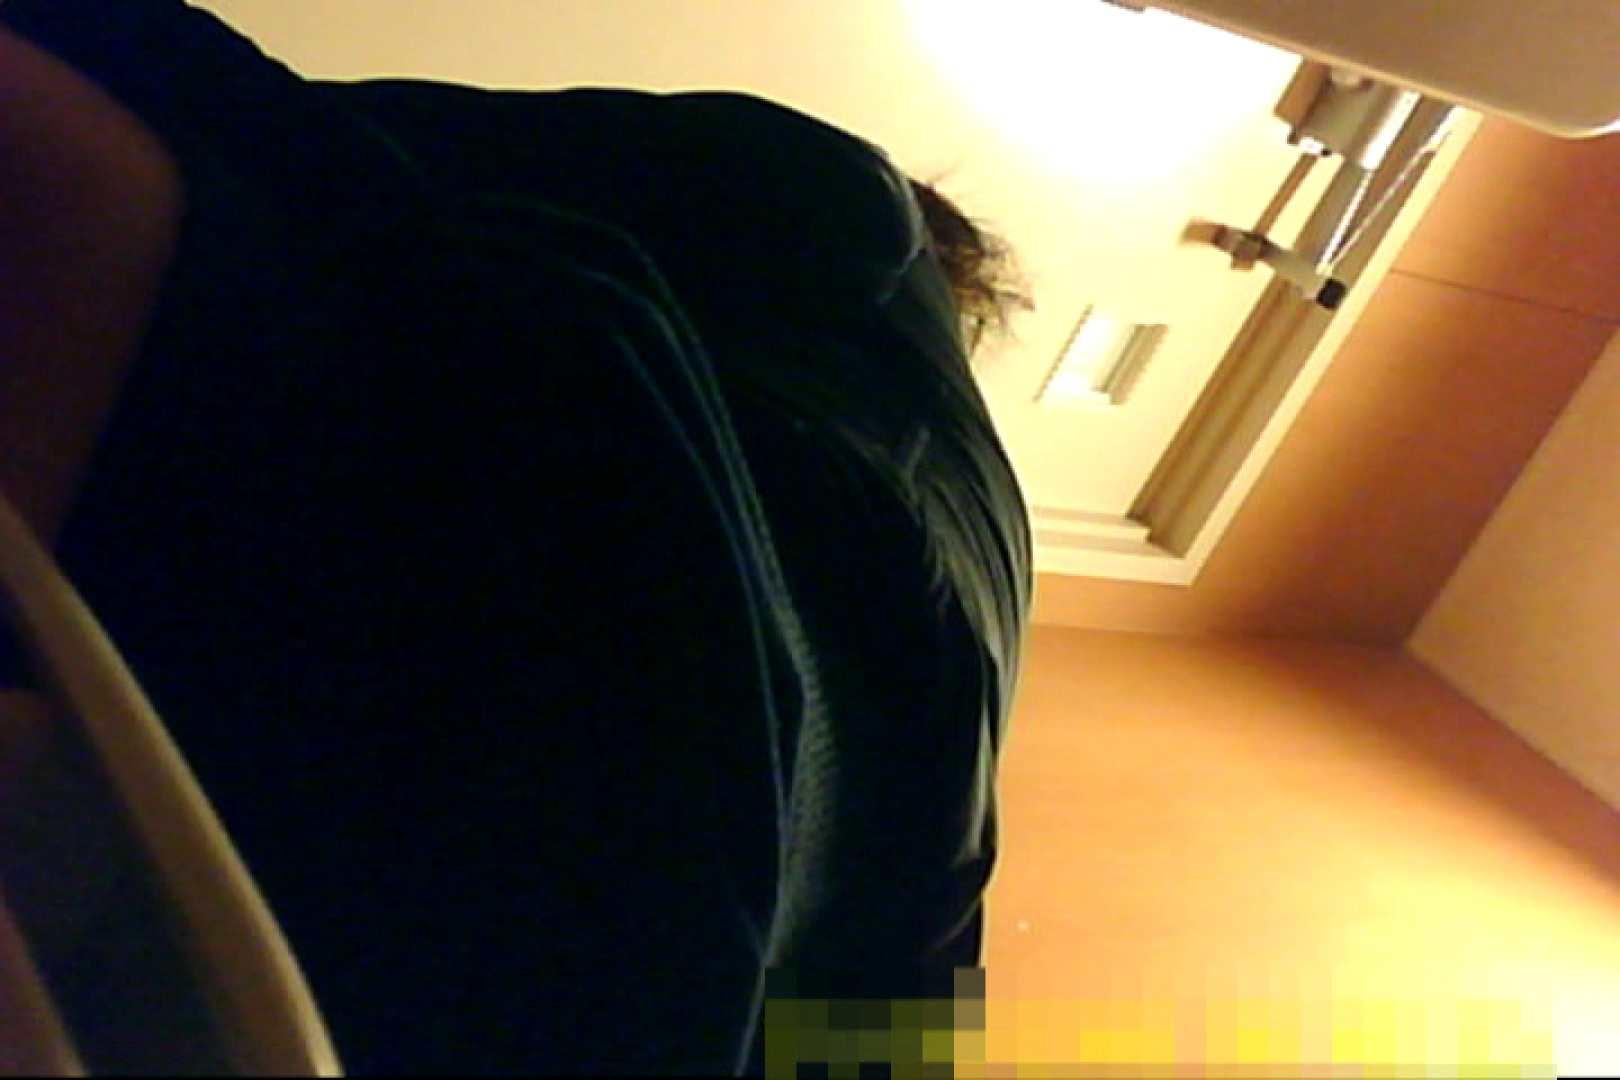 魅惑の化粧室~禁断のプライベート空間~22 お姉さんのエロ生活 オマンコ無修正動画無料 106連発 59